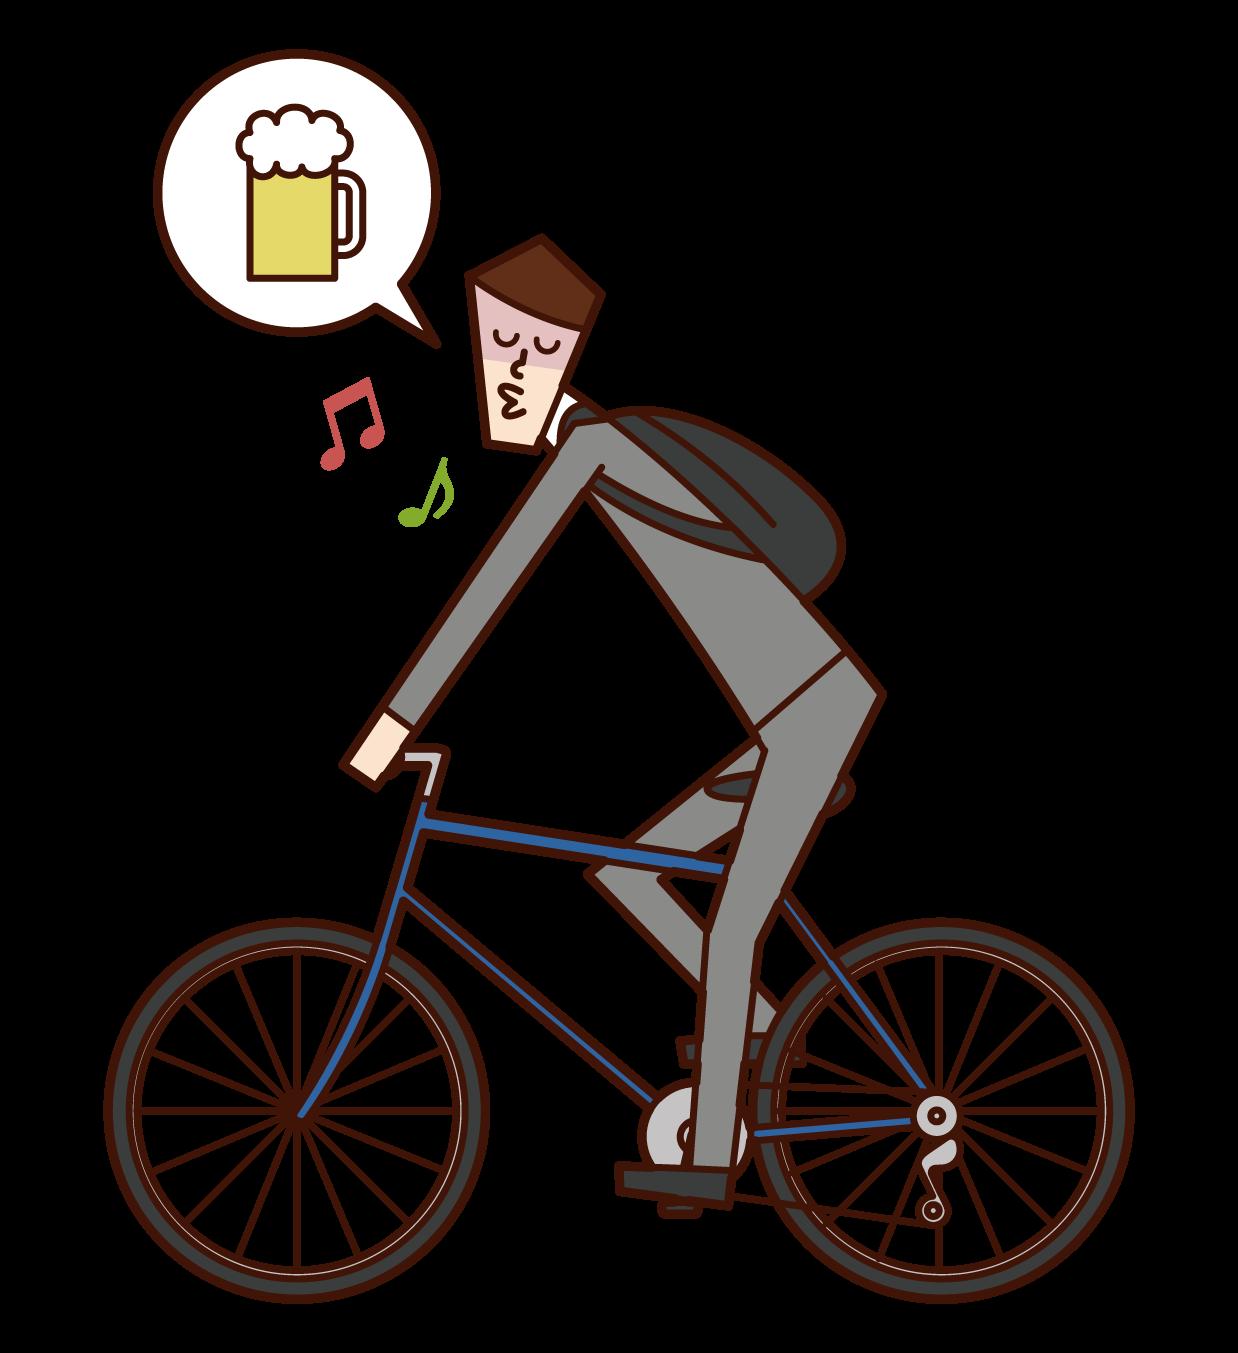 자전거로 음주 운전을 하는 사람(남성)의 일러스트